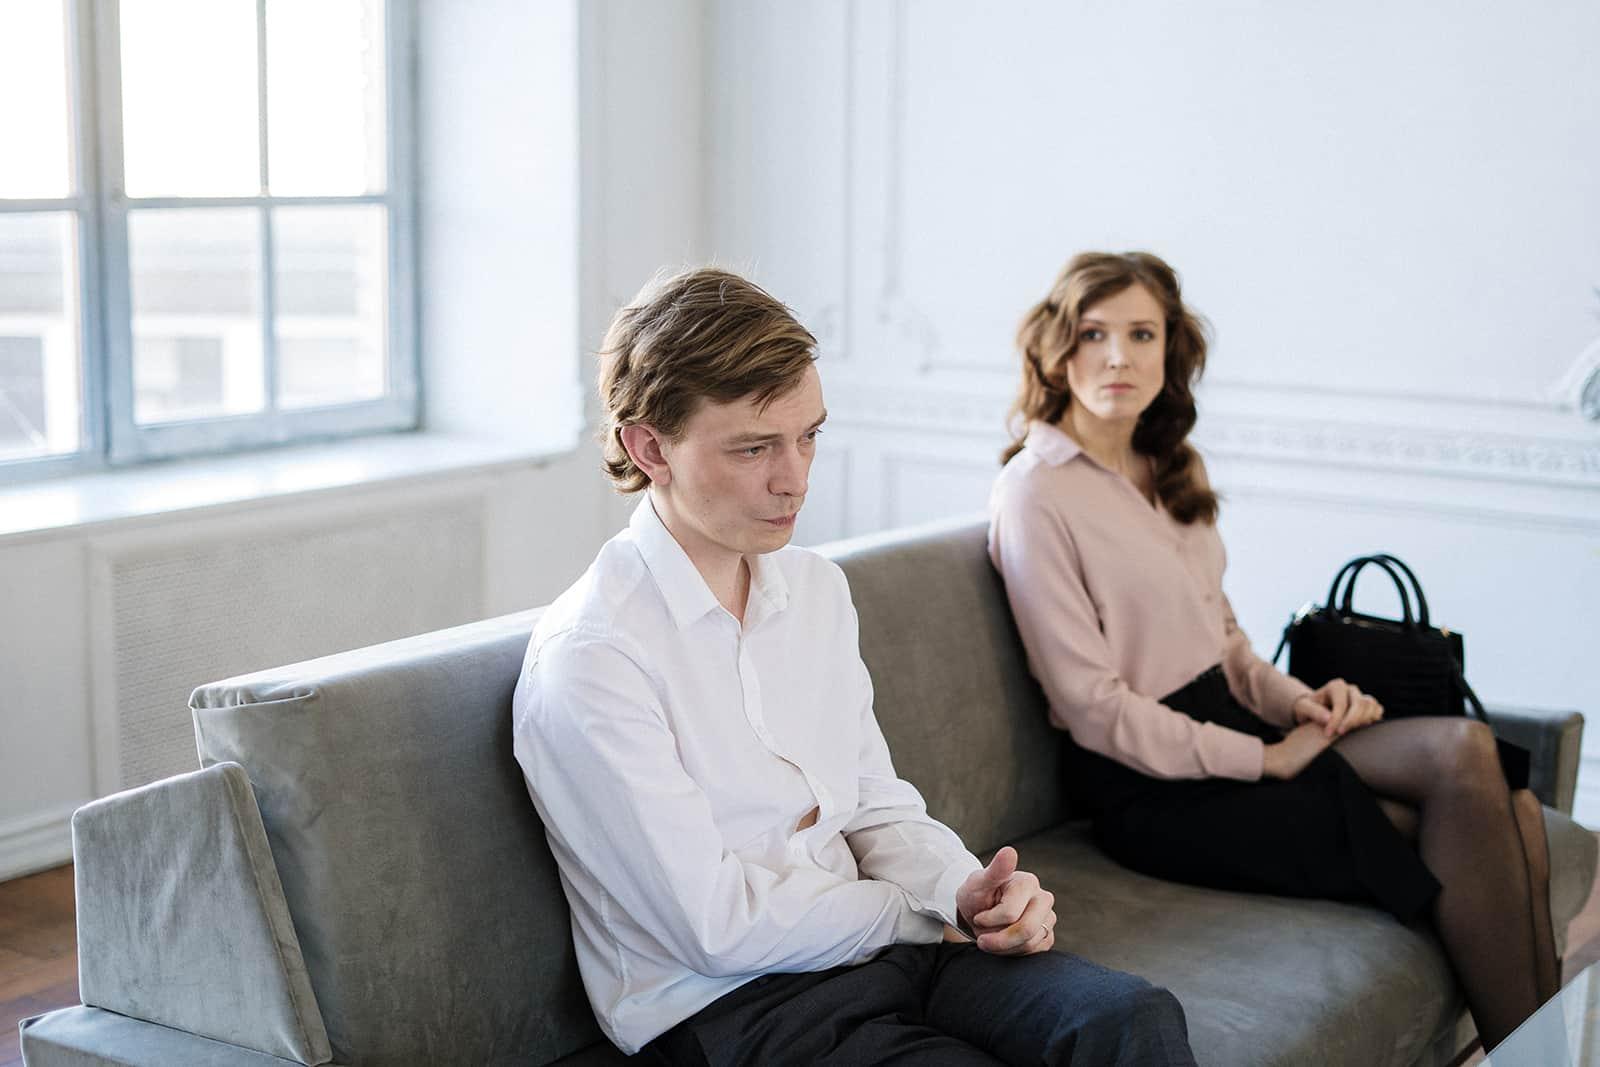 ein unglückliches Paar sitzt auf der Couch ohne zu reden